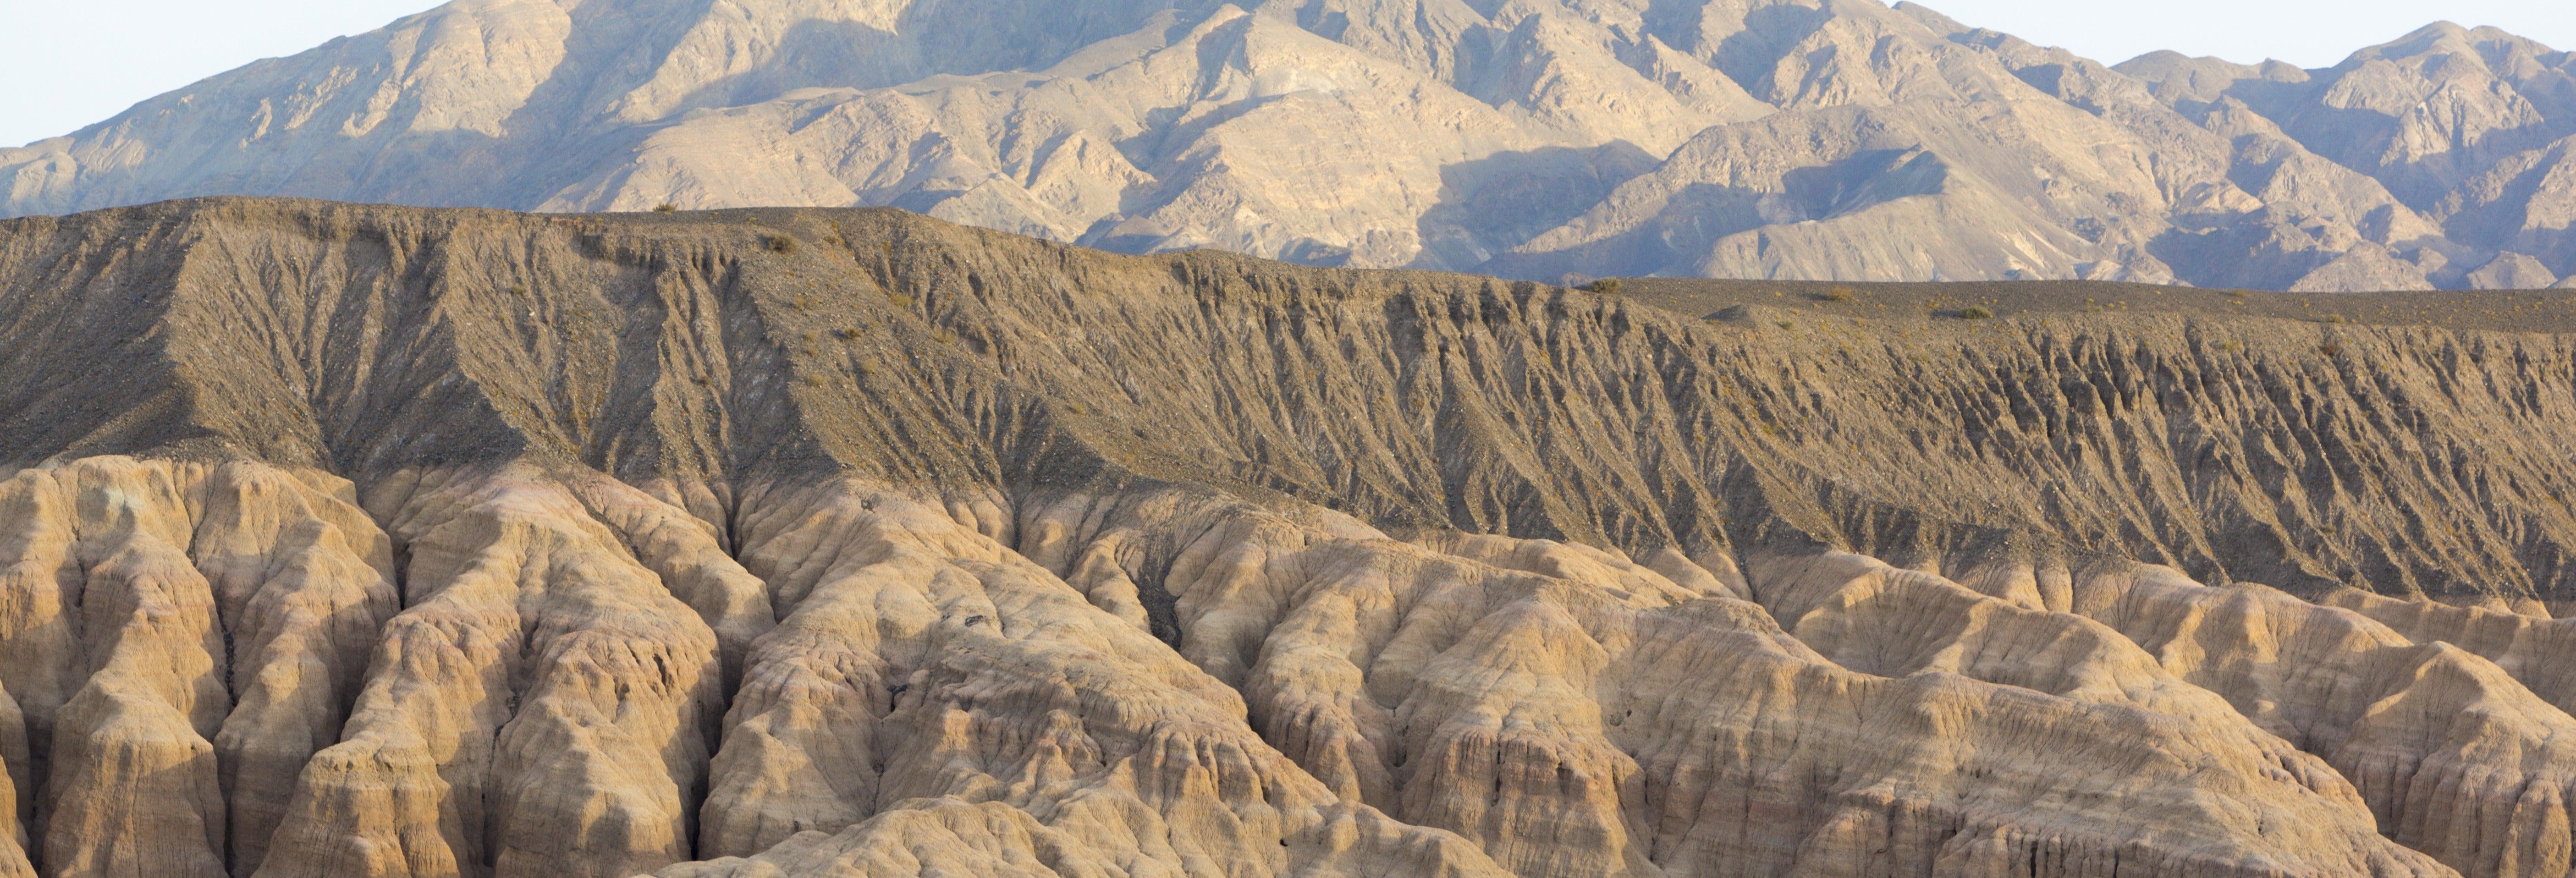 Passeio a cavalo pela serra de Zonda